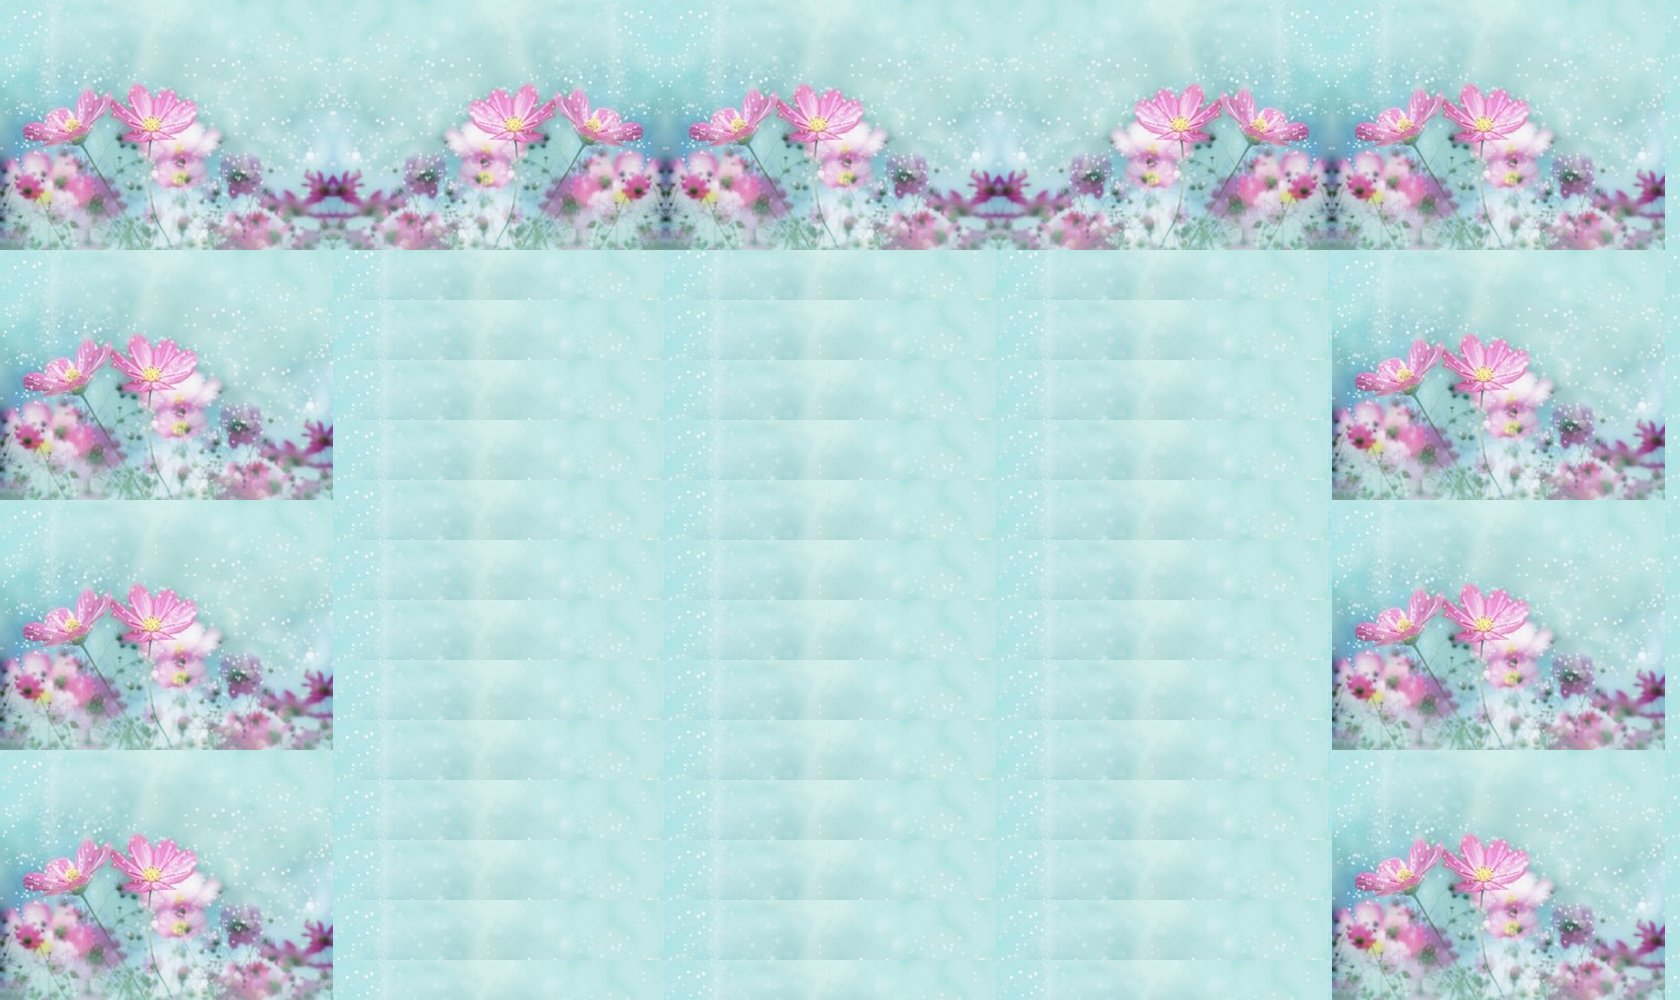 http://moniquebeauchamp.org/img4/fond-daniellelacour-fleur-1680-1000.jpg